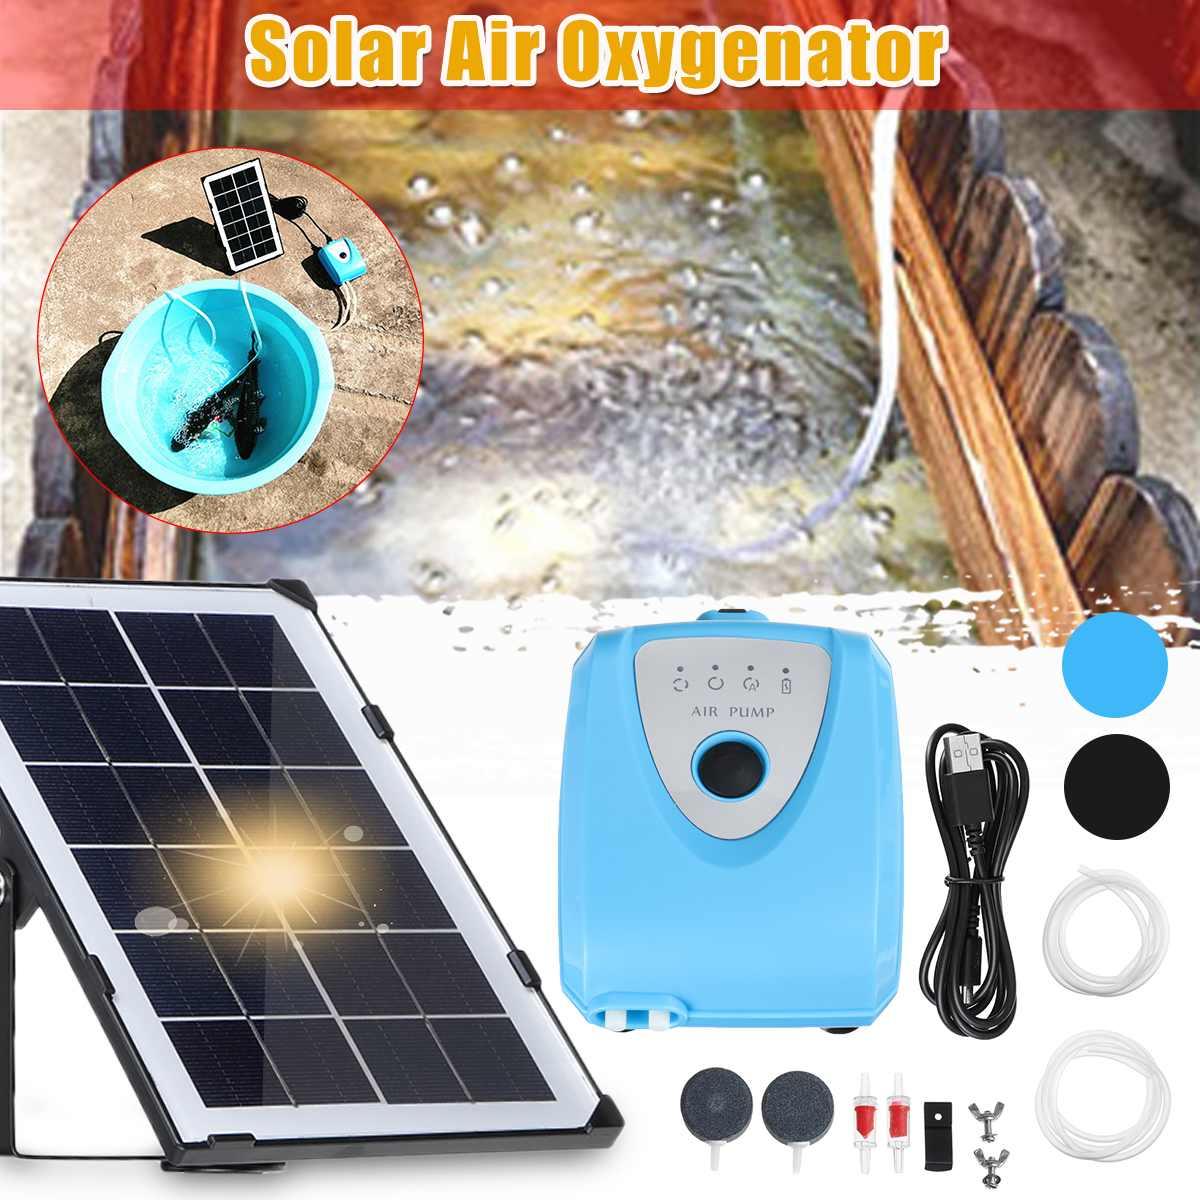 Panel Solar de la bomba de aire del acuario tanque de peces silencioso Mini compresor para acuario de la bomba de oxígeno de la bomba oxigenador aireador al aire libre casa